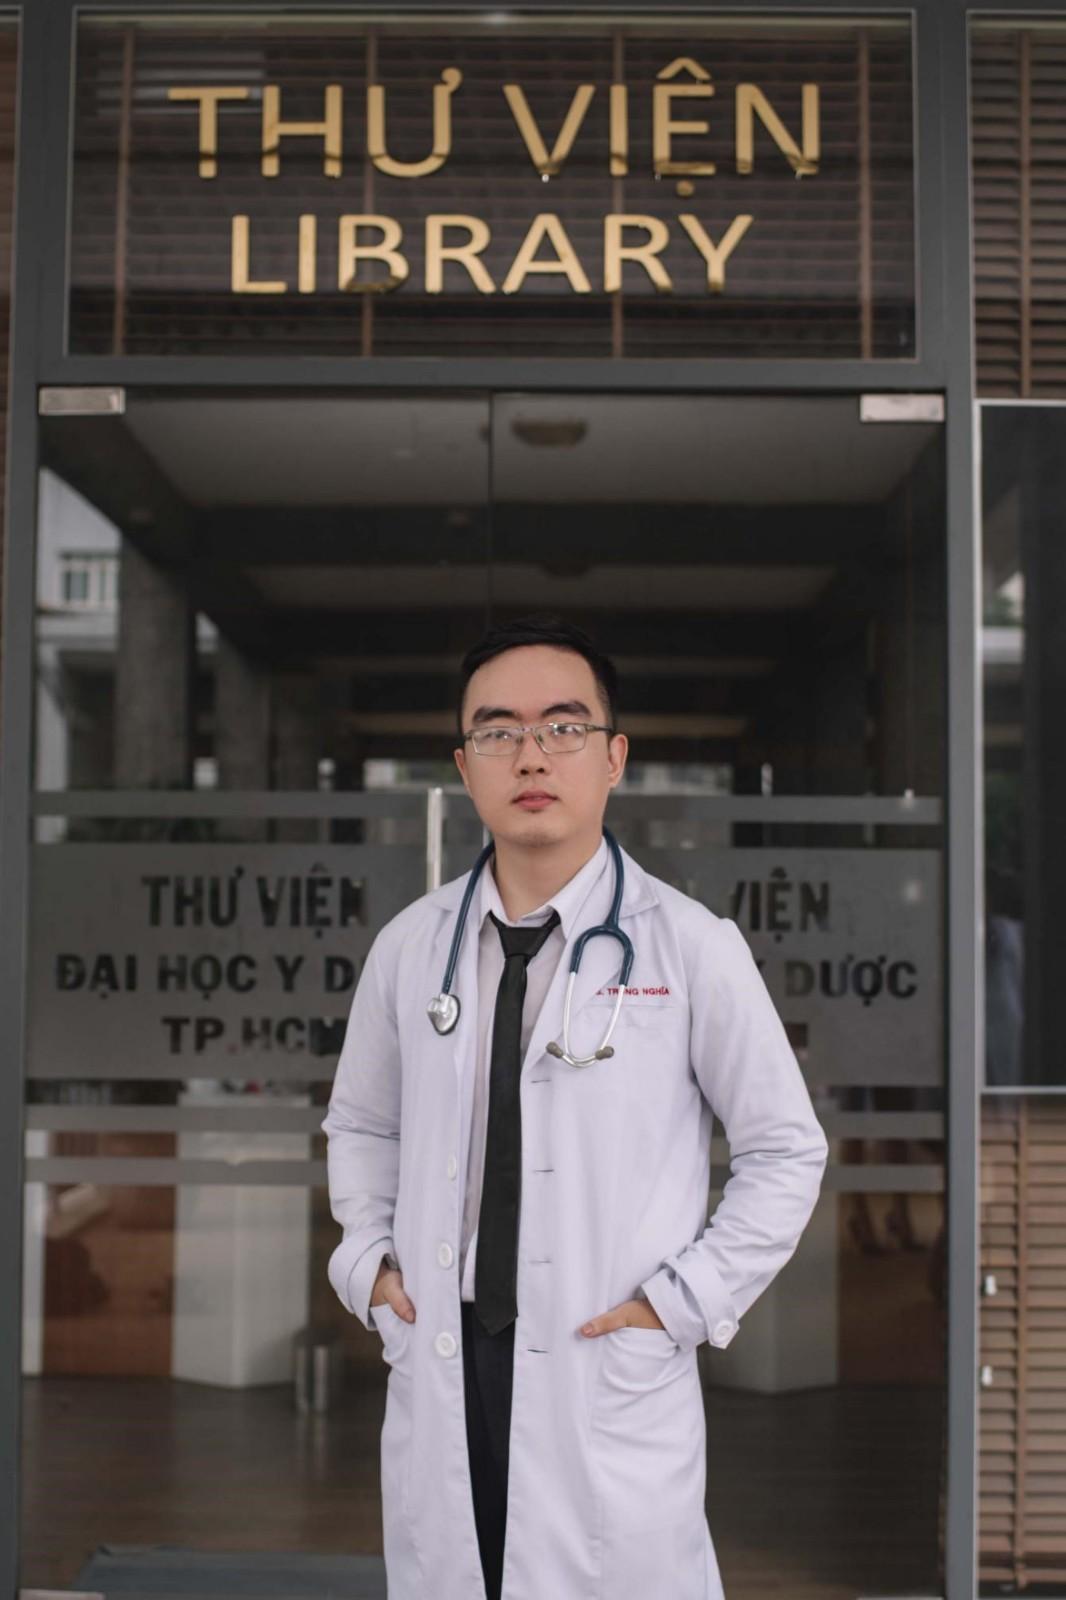 Bác sĩ NGUYỄN HỒ THANH AN